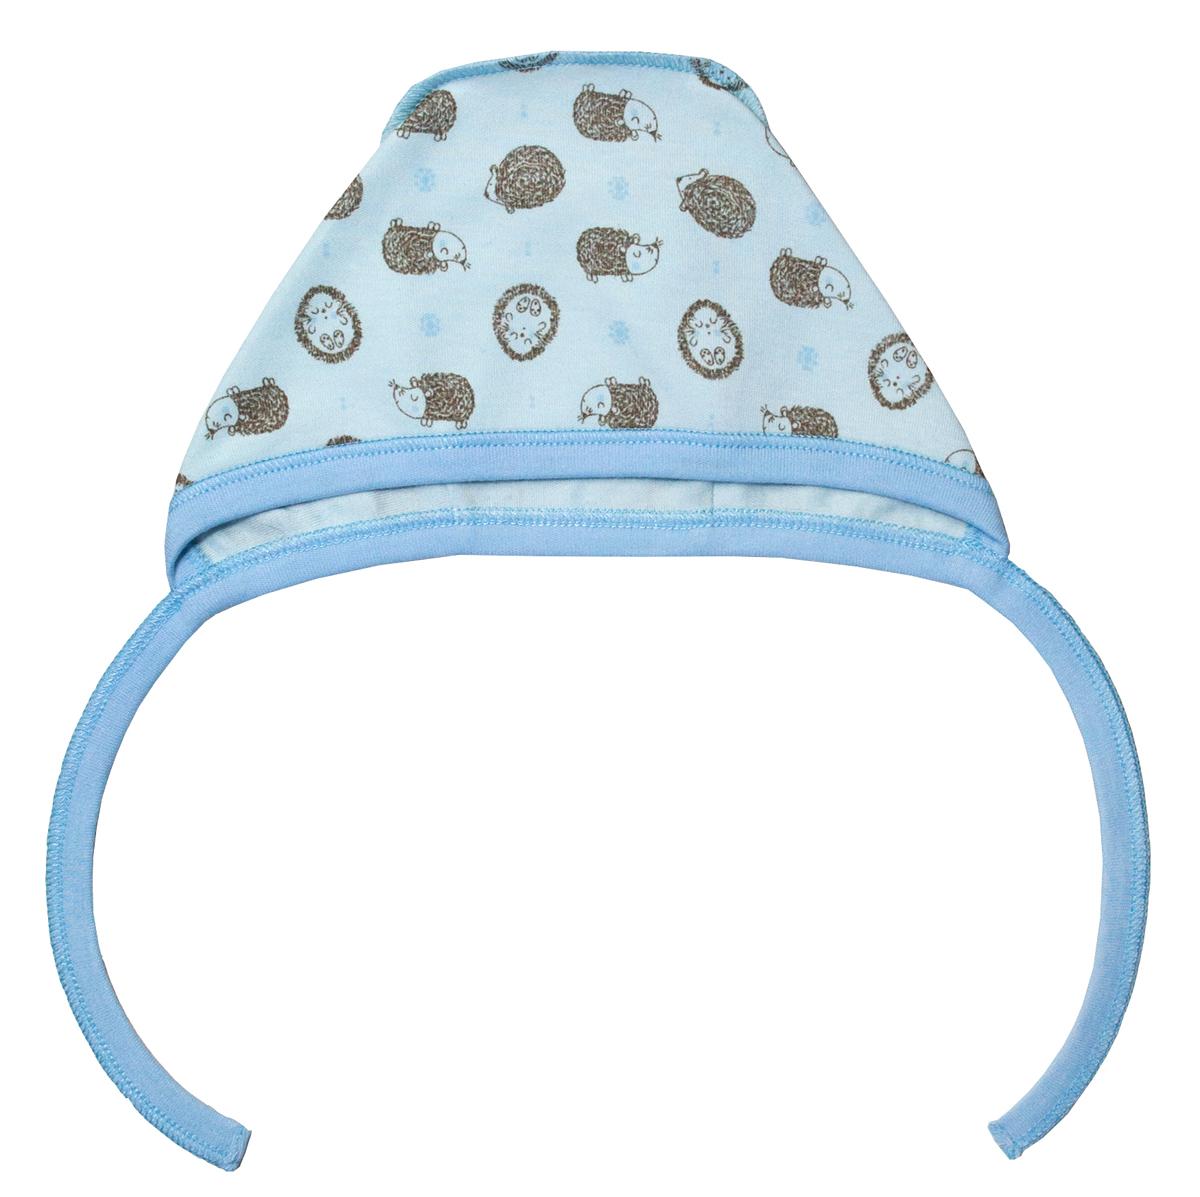 Чепчик для мальчика Мамуляндия Сказочный сон, цвет: голубой. 17-1708. Размер 44 кофта для мальчика мамуляндия сказочный сон цвет голубой 17 1704 размер 86